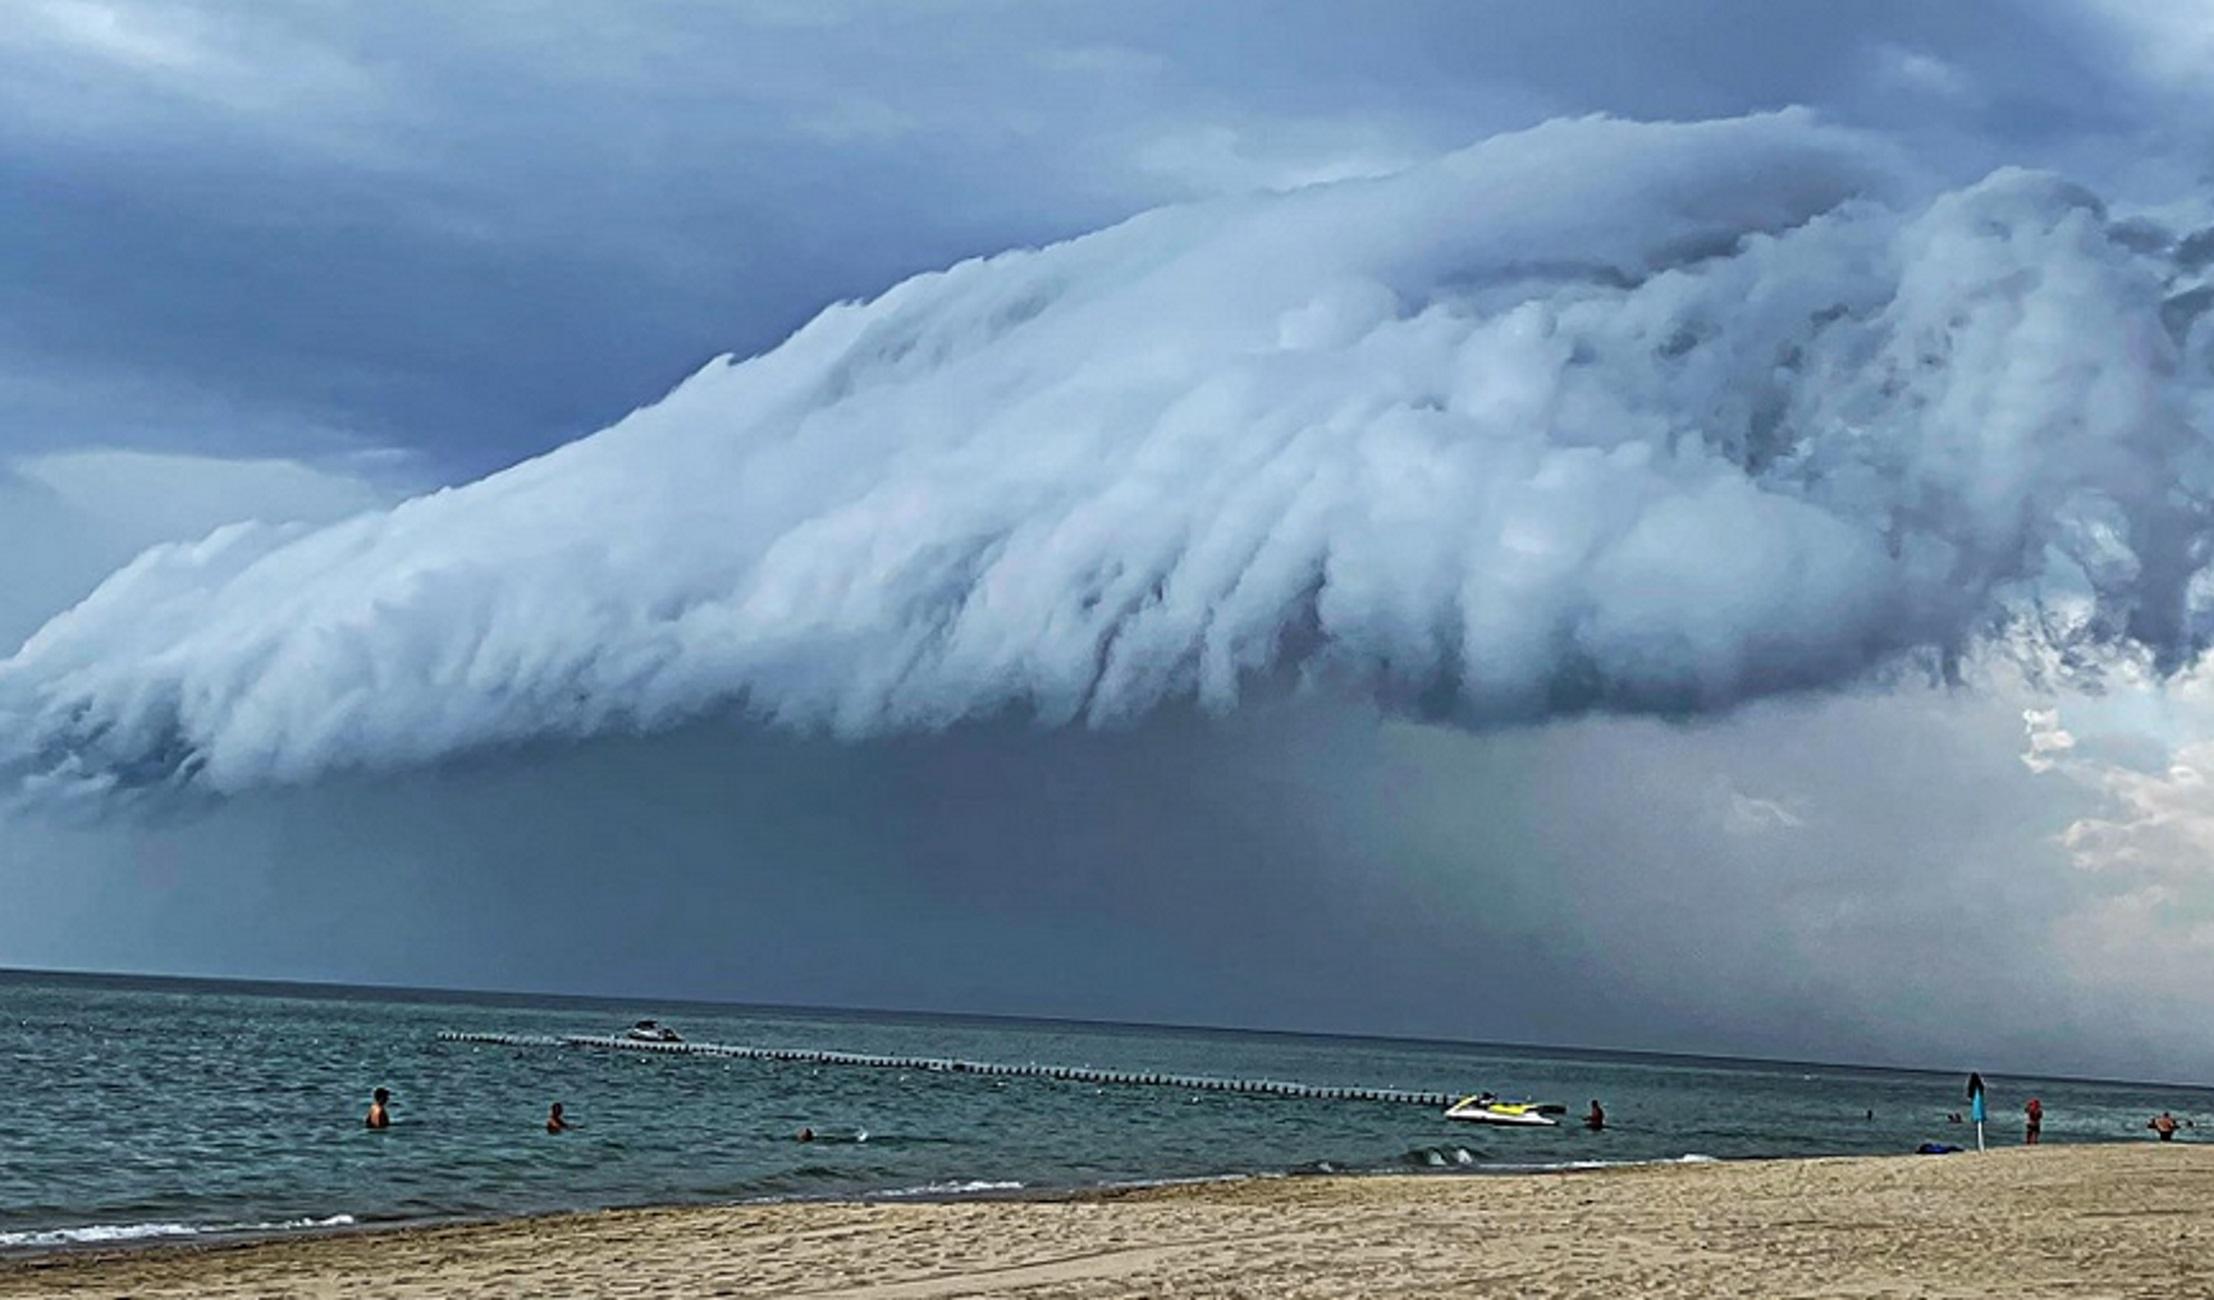 Χαλκιδική: Έκαναν μπάνιο και έβλεπαν αυτό το σύννεφο να «βουτάει» στη θάλασσα πριν την τροπική καταιγίδα